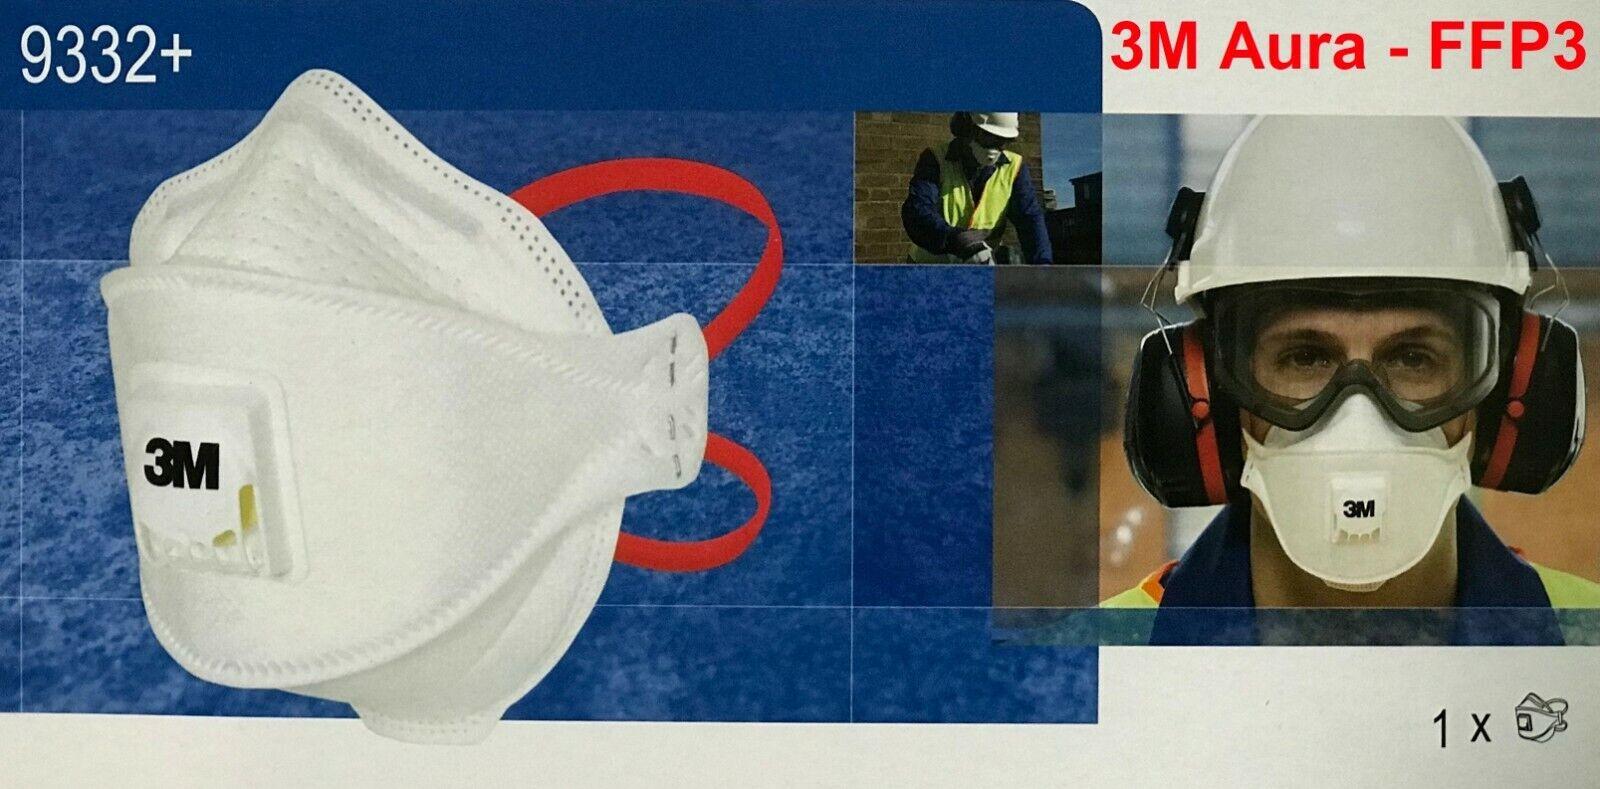 1St. 3M Aura Atemschutzmaske 9332+ Feinstaubmaske FFP3 NR D Schutzmaske Ventil